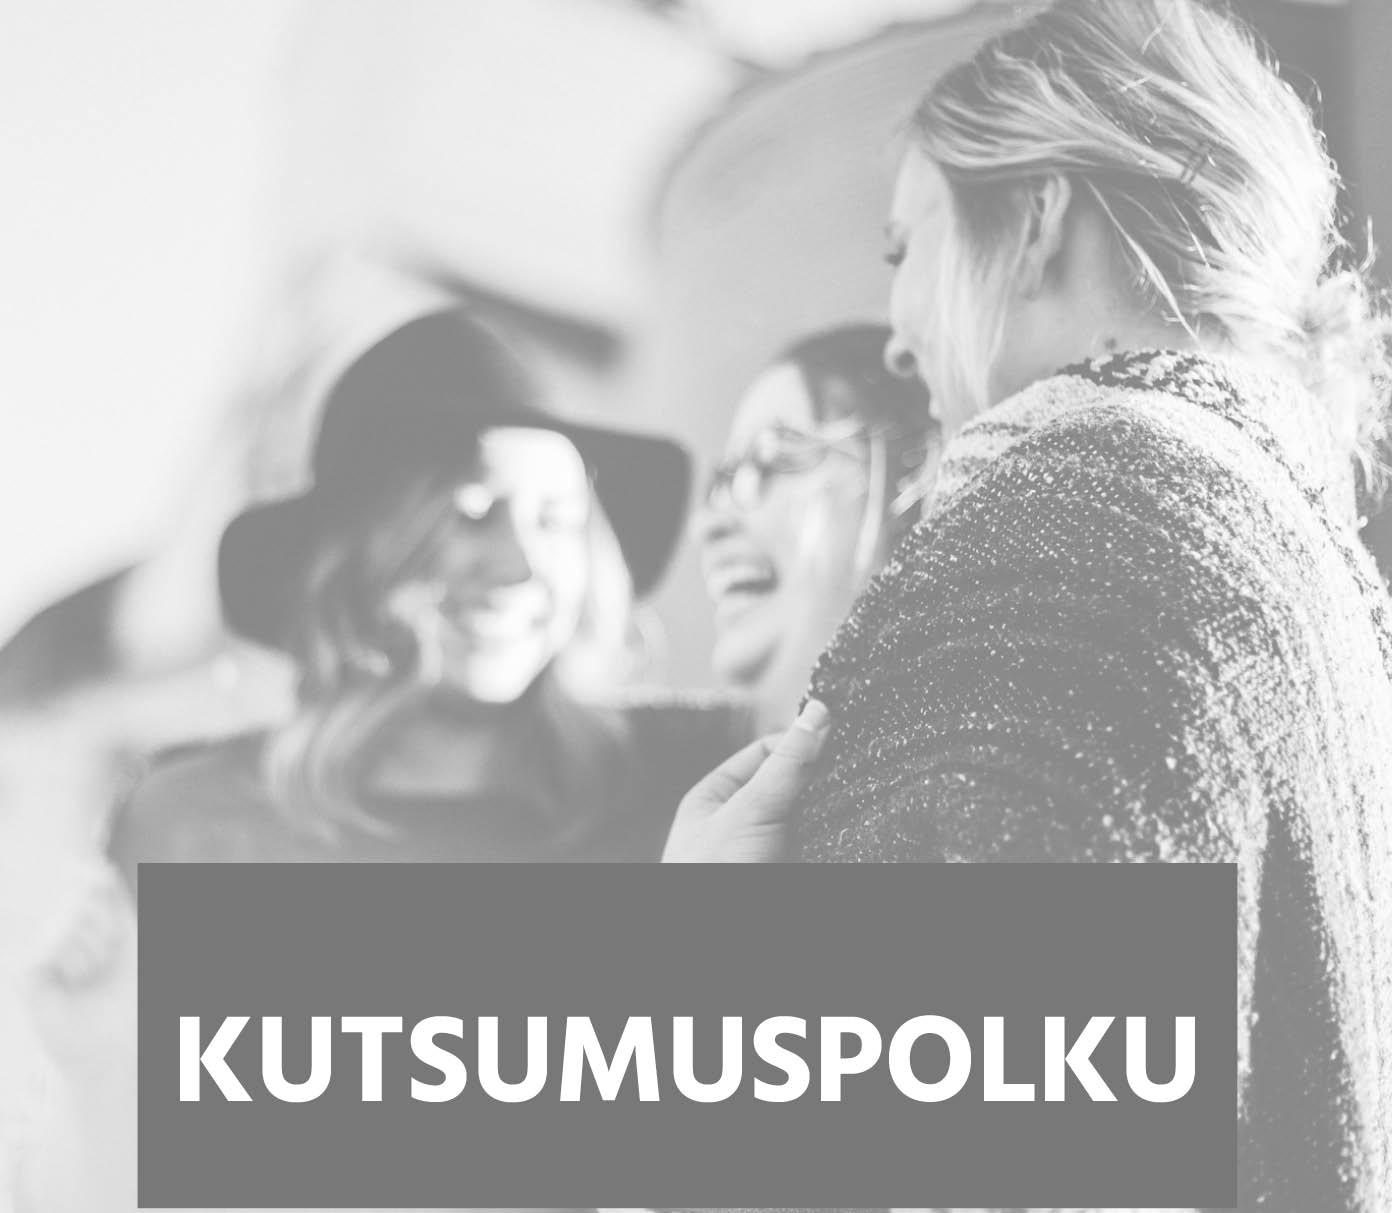 Kutsumuspolku_mustavalko2.jpg